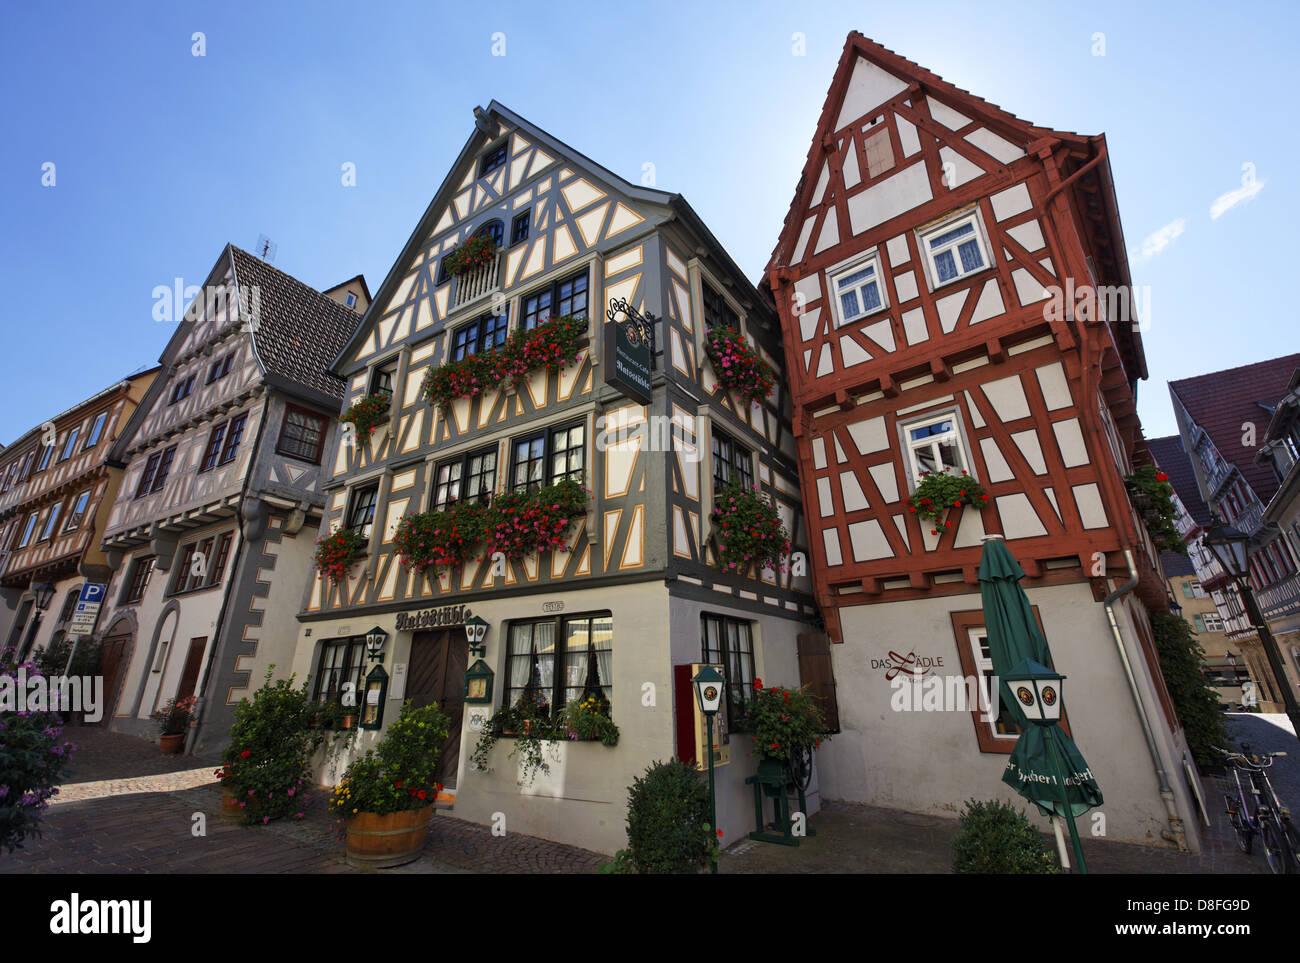 Deutschland baden w rttemberg besigheim fachwerkhaus germany stock photo 56890441 alamy - Bilder von gefliesten badern ...